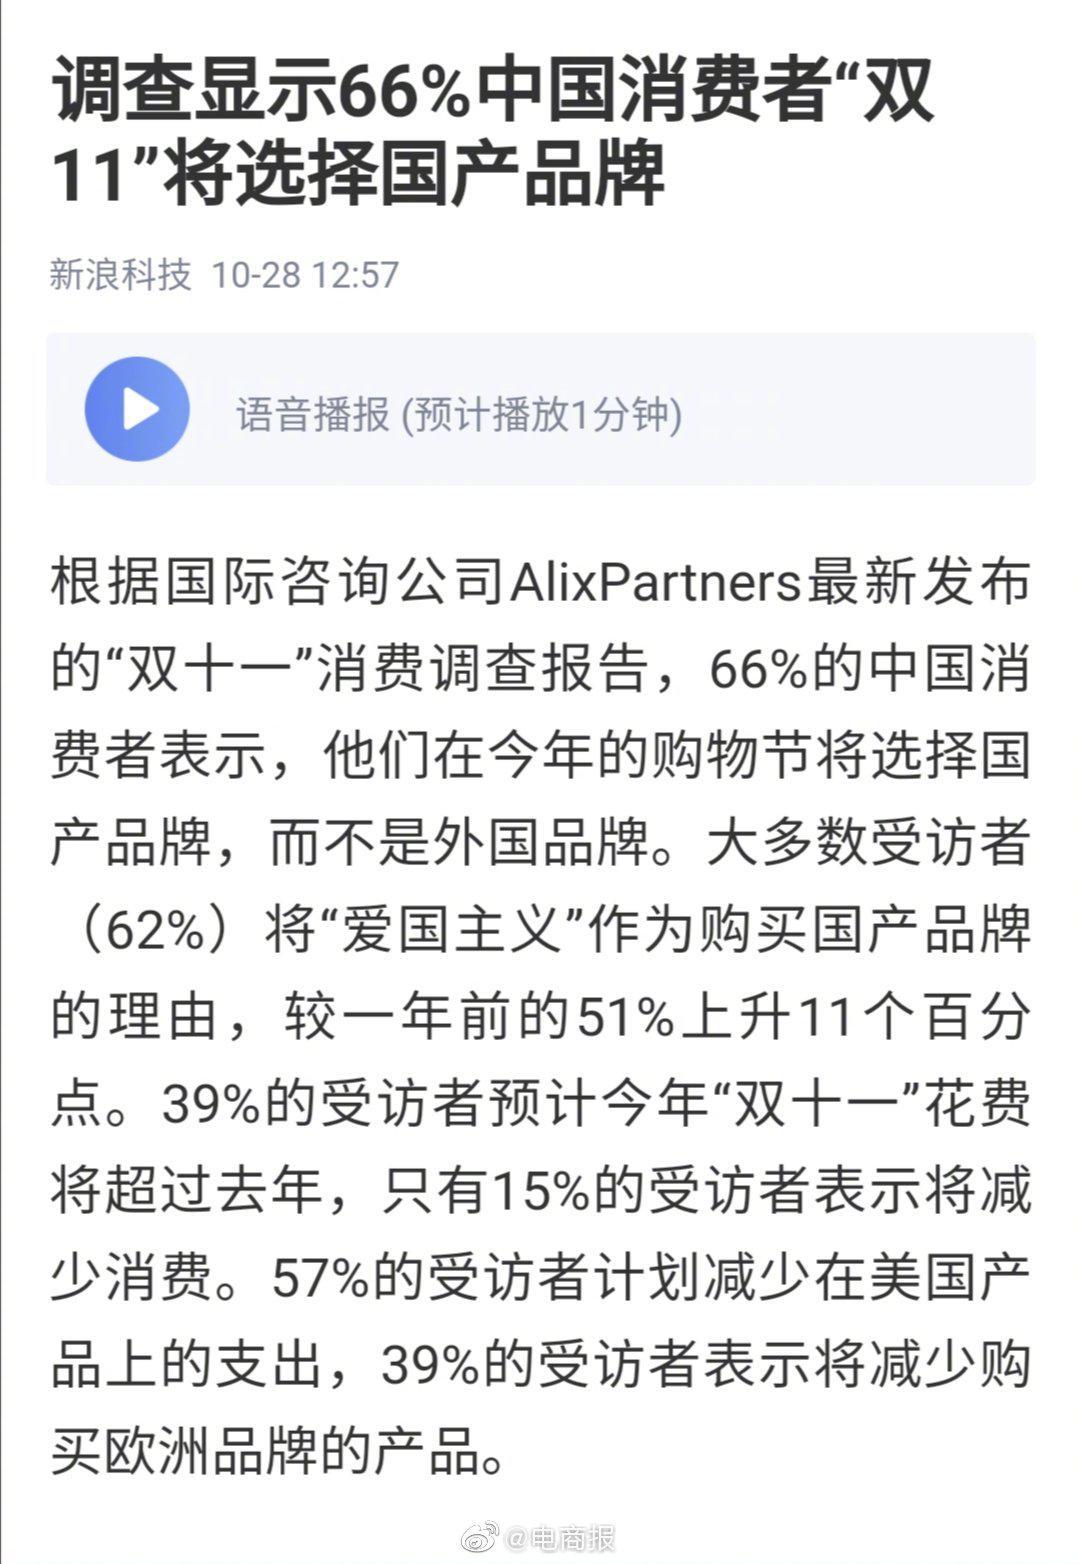 调查显示66%中国消费者双11将选择国产品牌